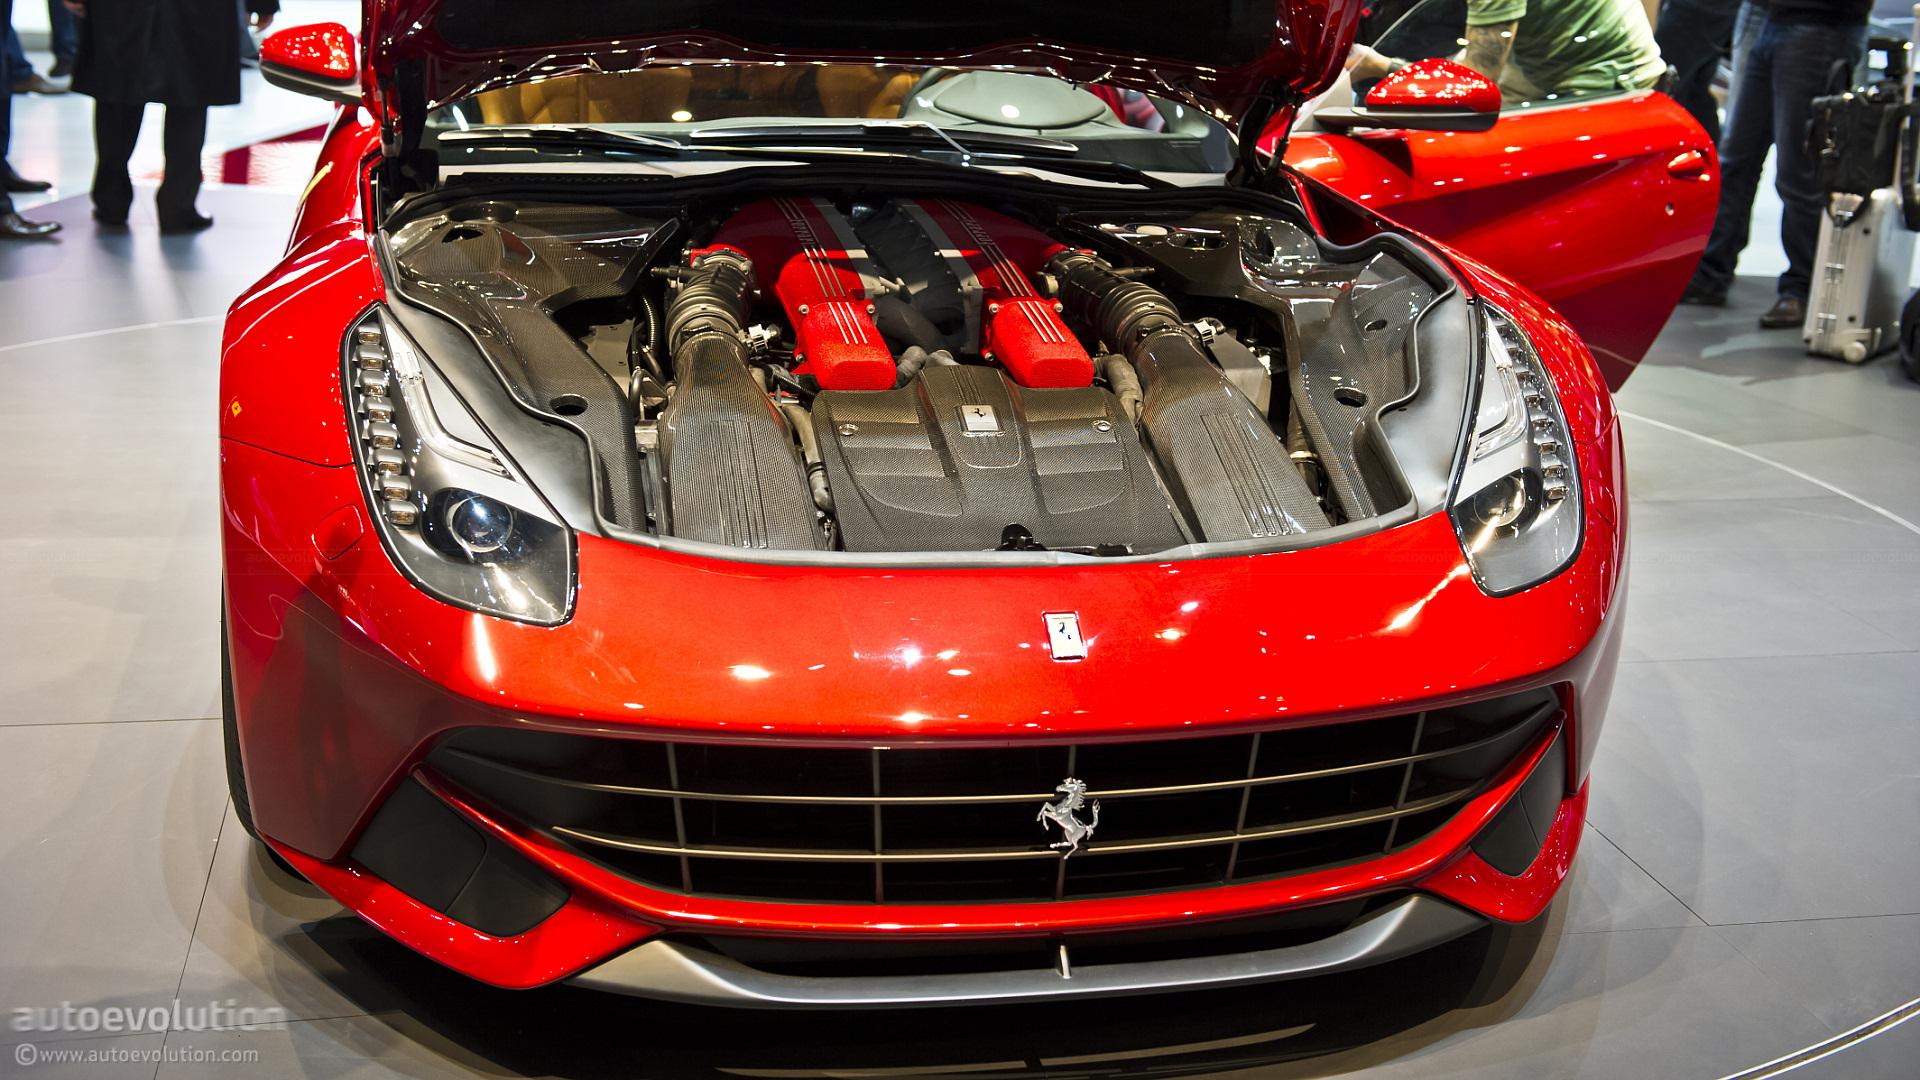 Ferrari F12 Berlinetta HD Wallpaper